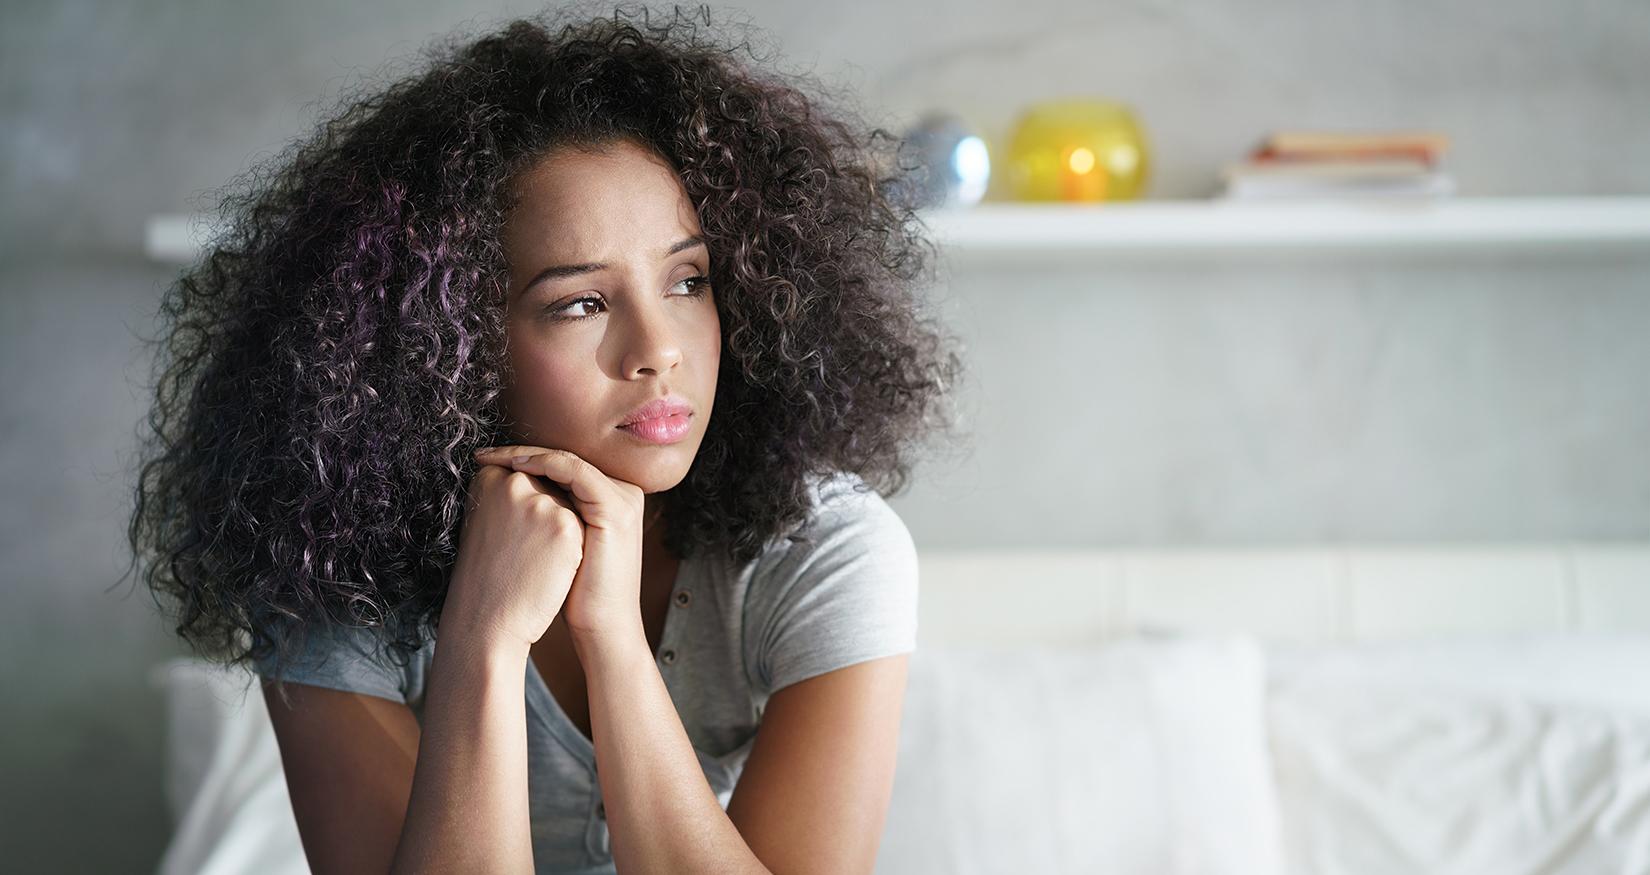 Aktuelle Studien zeigen: Schlafmangel fördert Übergewicht